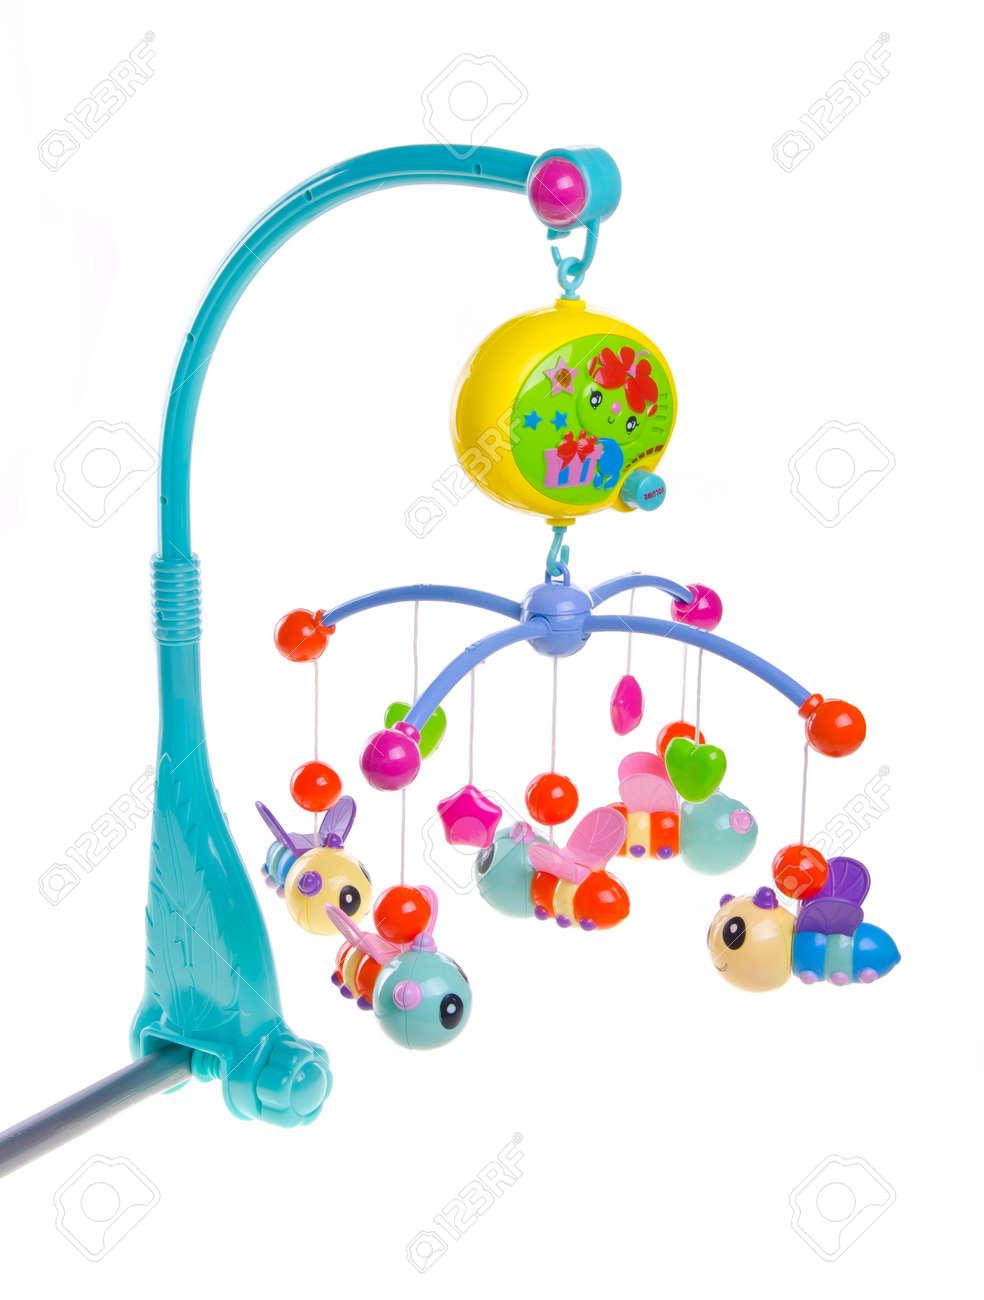 Hangende Spielzeug Ein Babybett Angebracht Toys Sind Eigentum